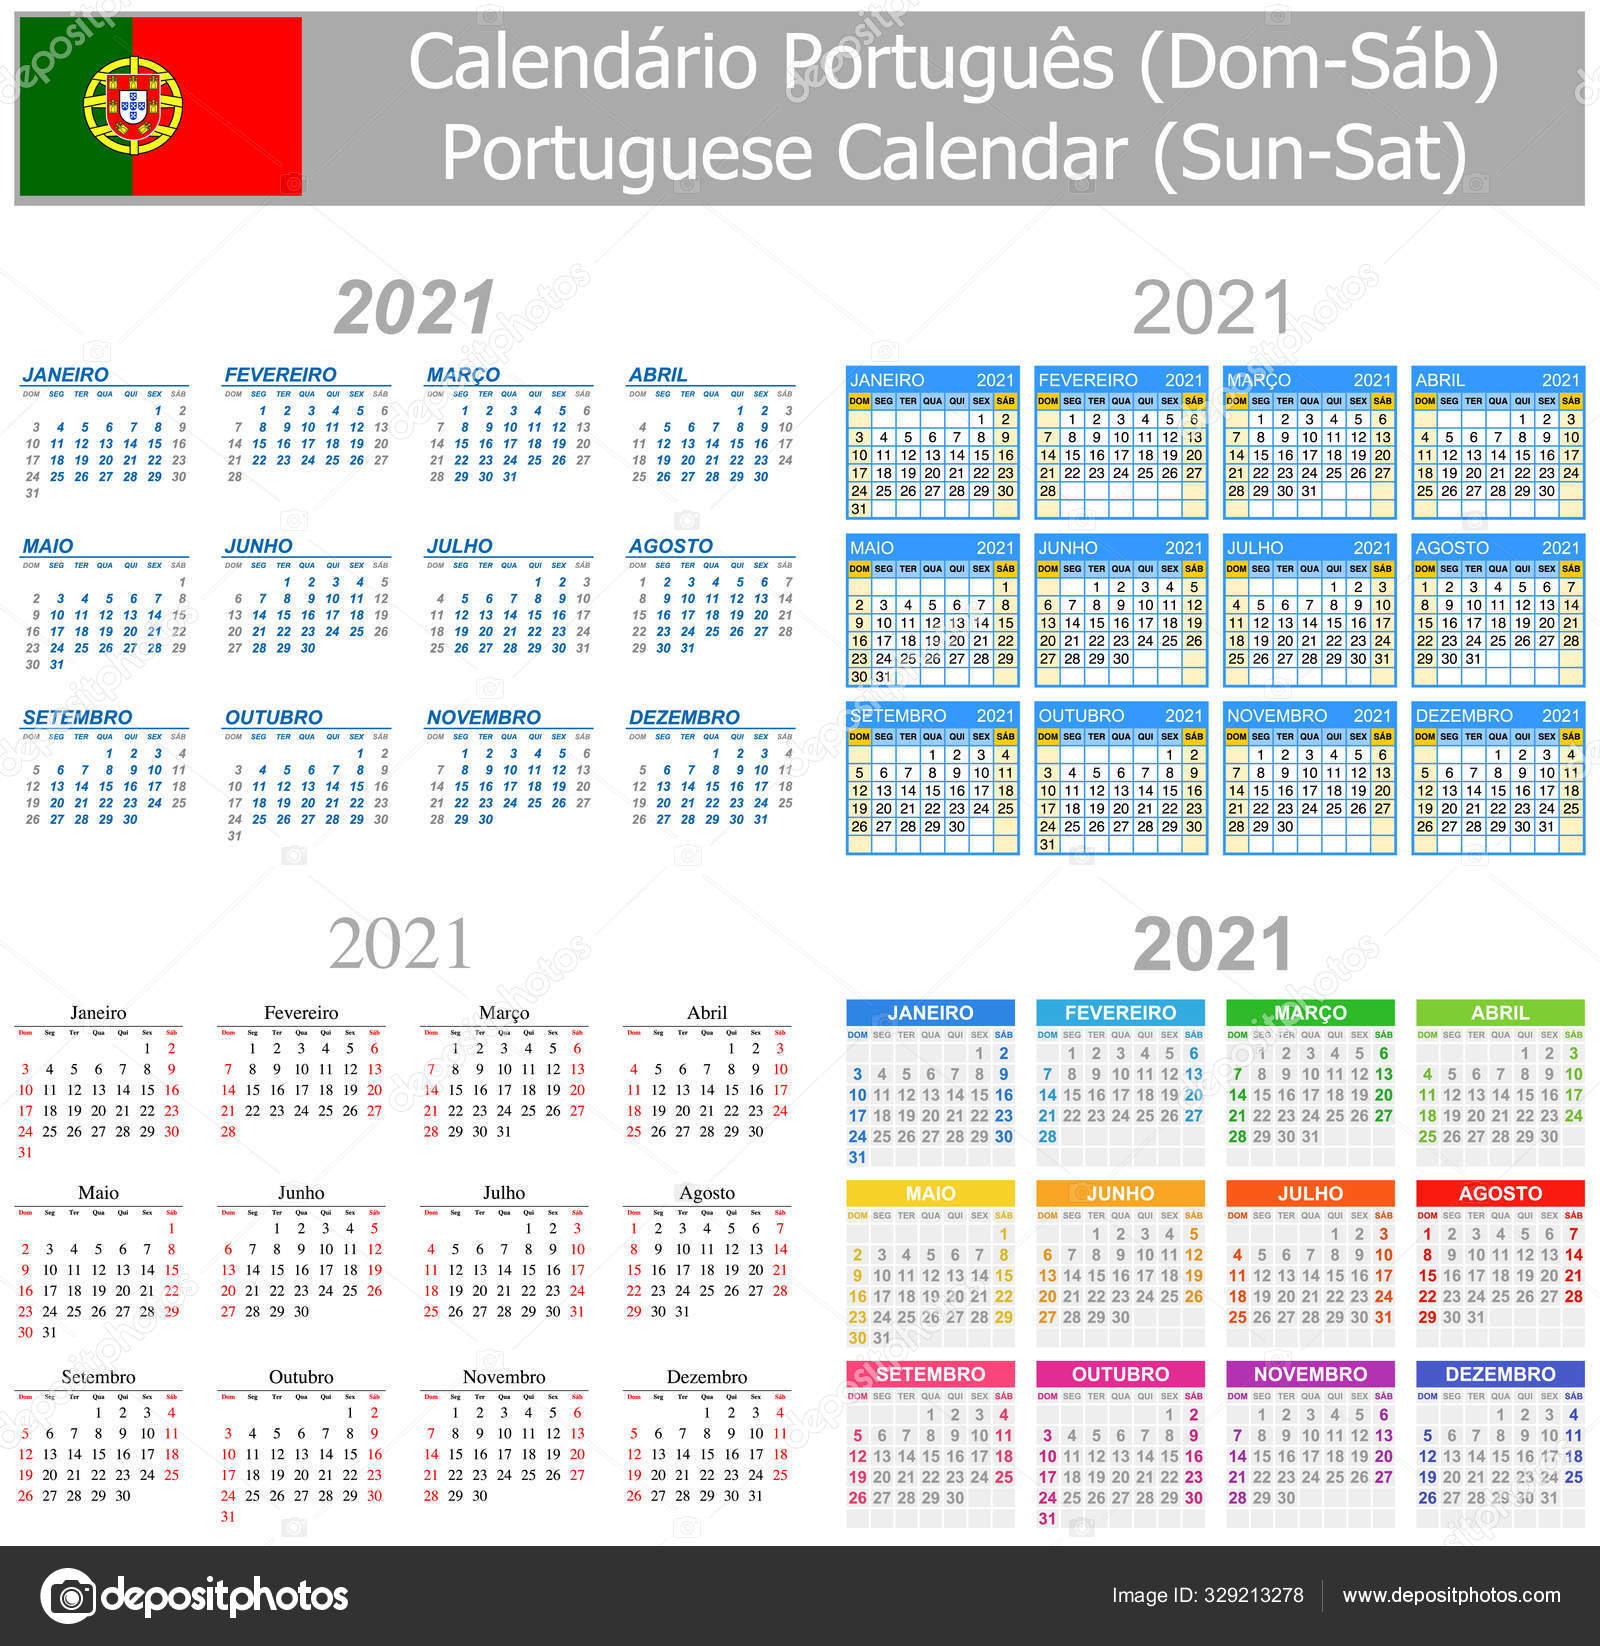 2021 Португальський Календар Мікс Sun Sat Білому Тлі